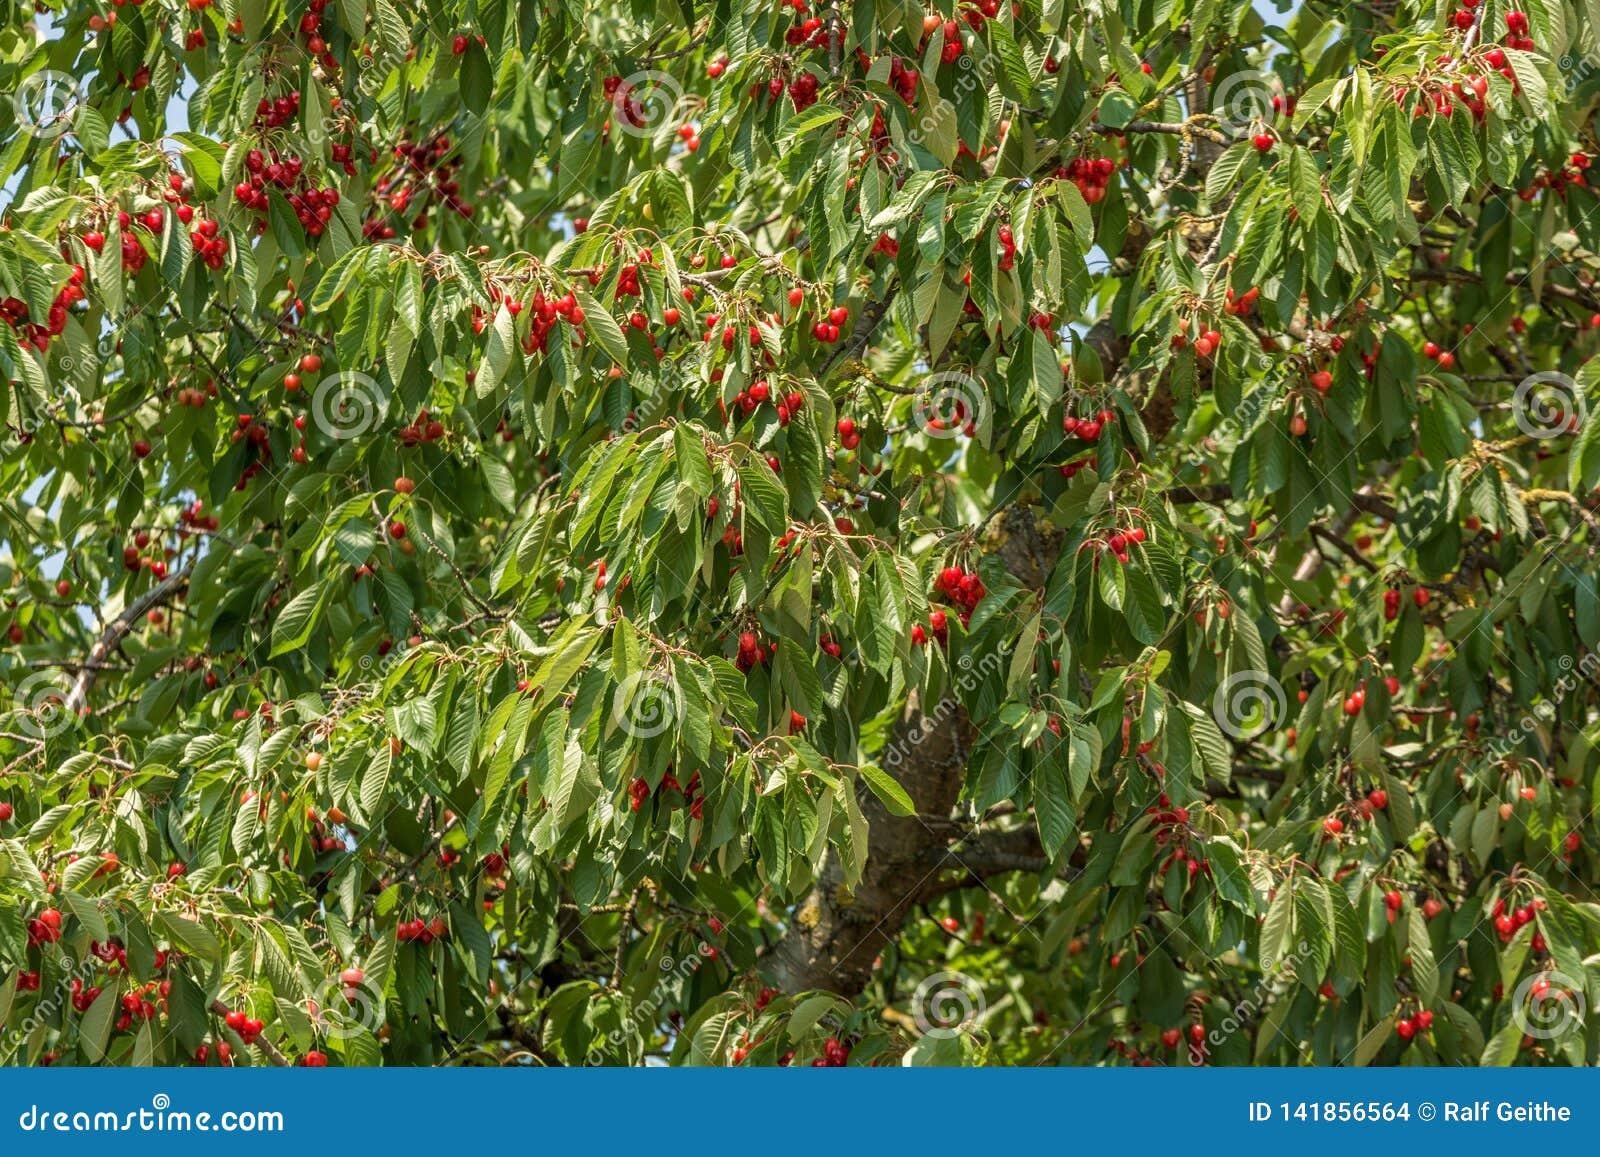 Cherry tree full of red ripe cherries